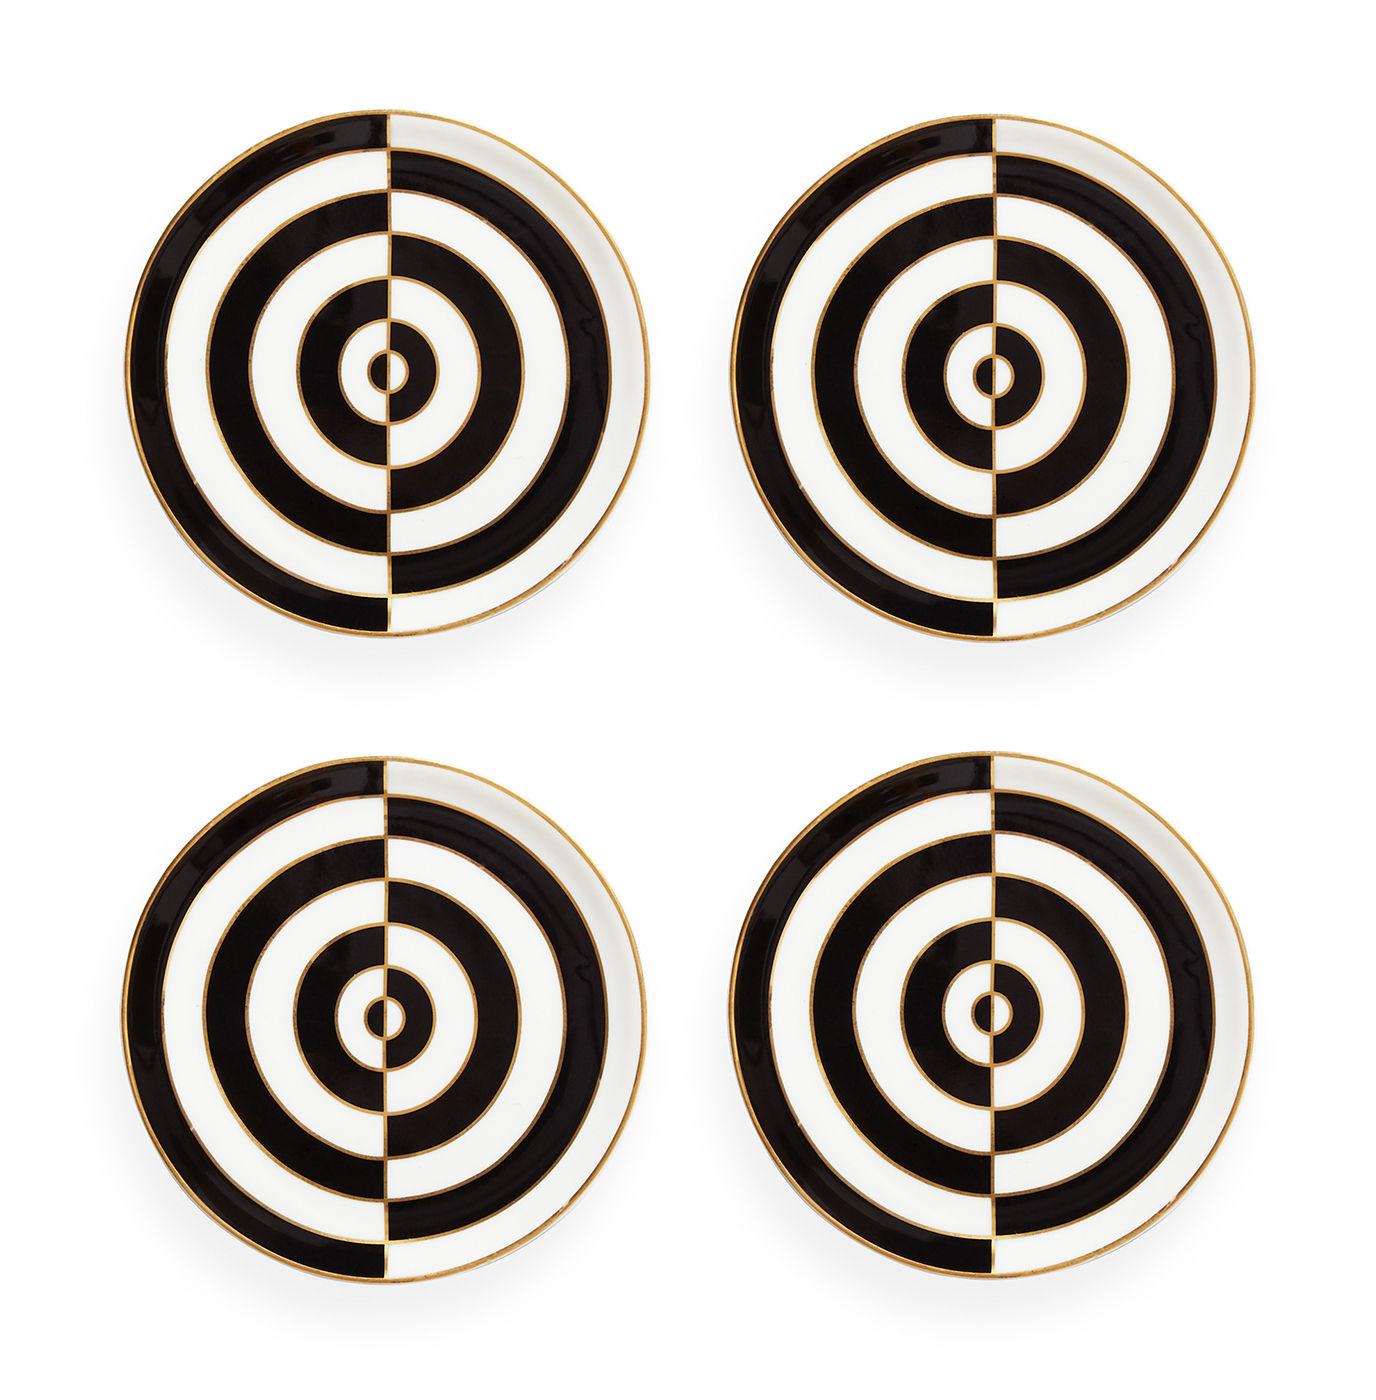 Arts de la table - Dessous de plat - Dessous de verre Op Art / Set de 4 - Porcelaine & or 24 carats - Jonathan Adler - Op Art / Noir, blanc & or - Porcelaine - Liserés : or fin 24 Carats